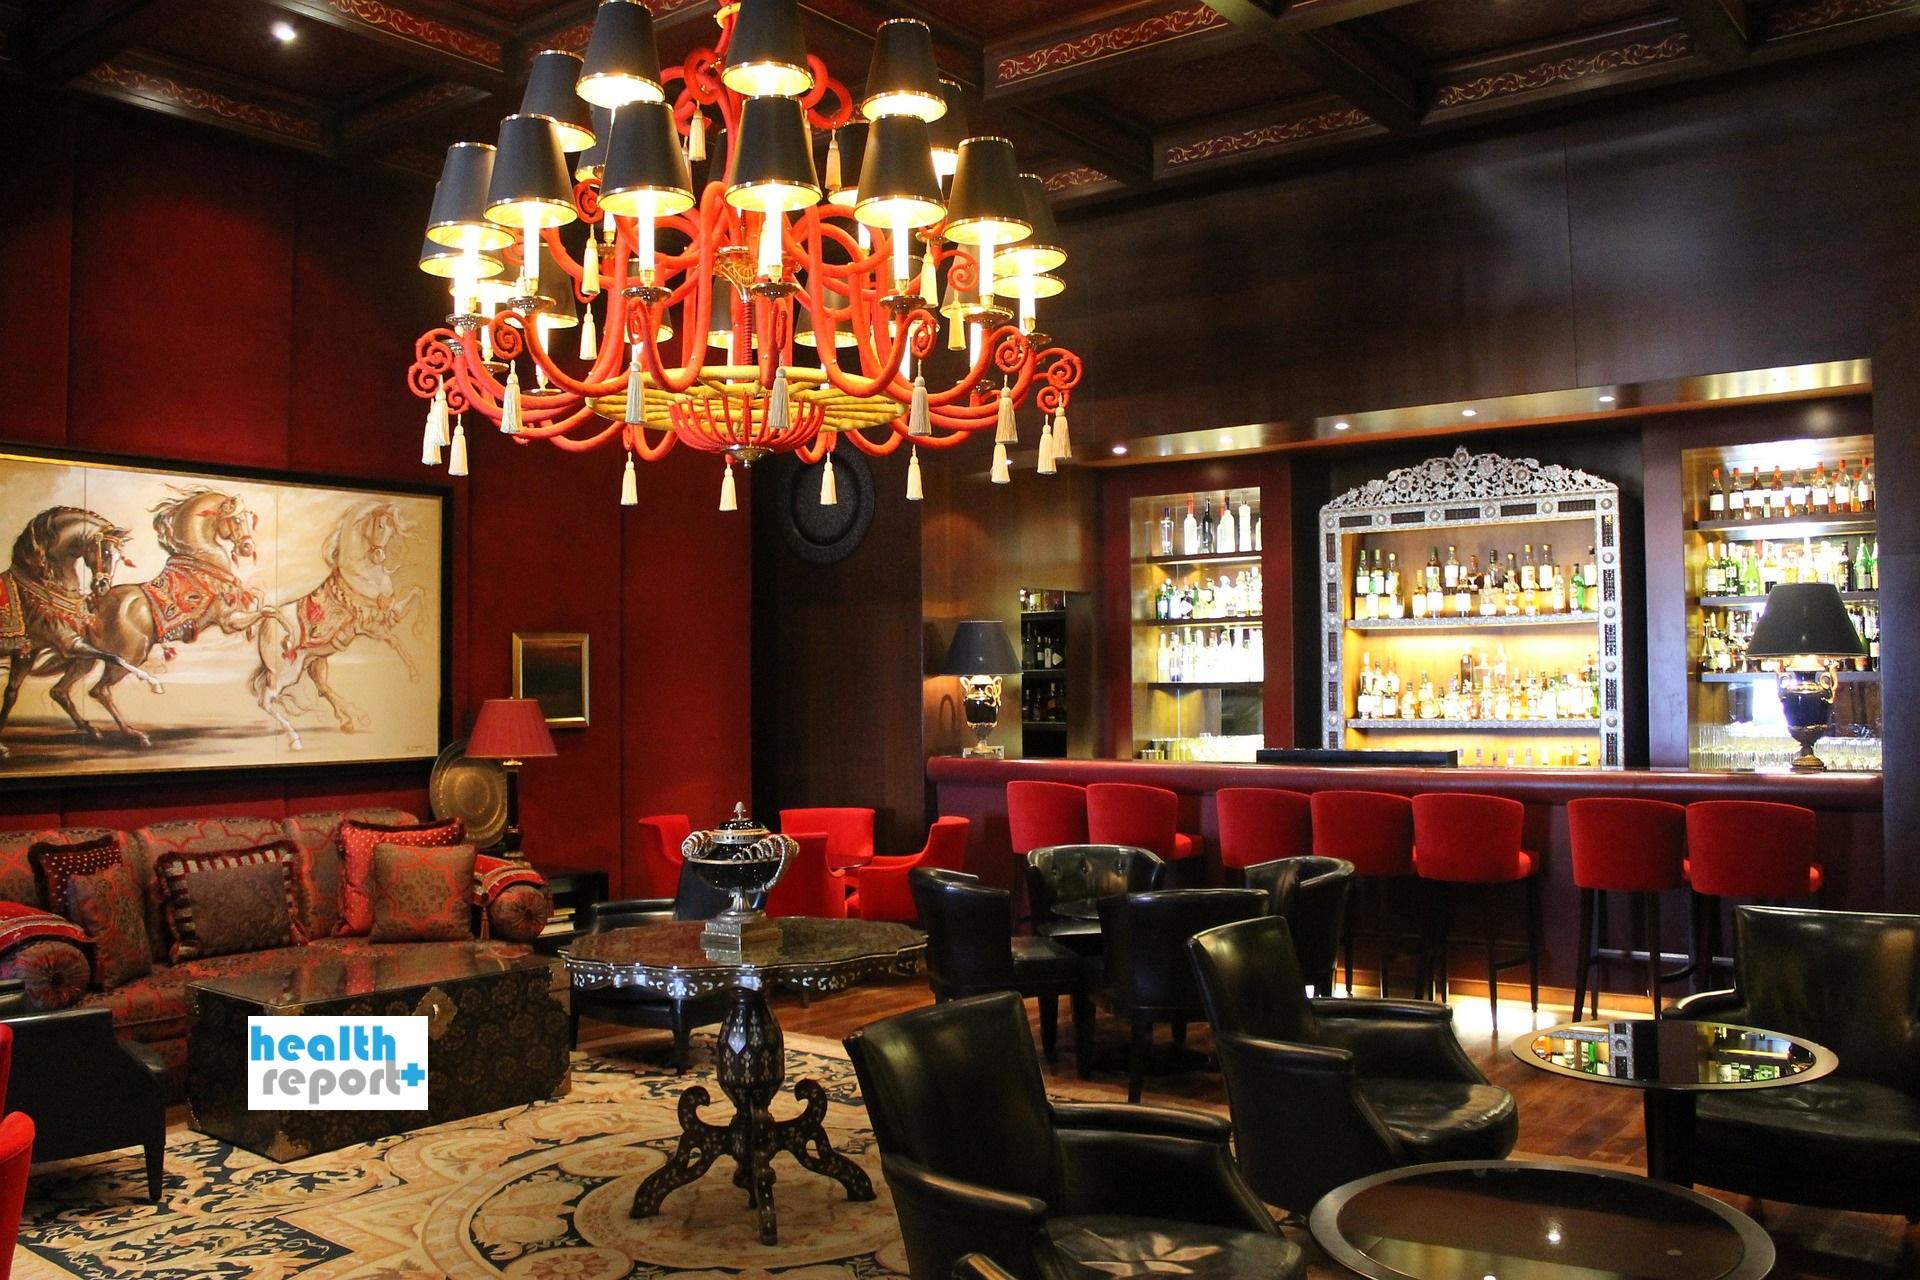 Ο κορονοϊός μεταδίδεται πιο εύκολα στα μπαρ